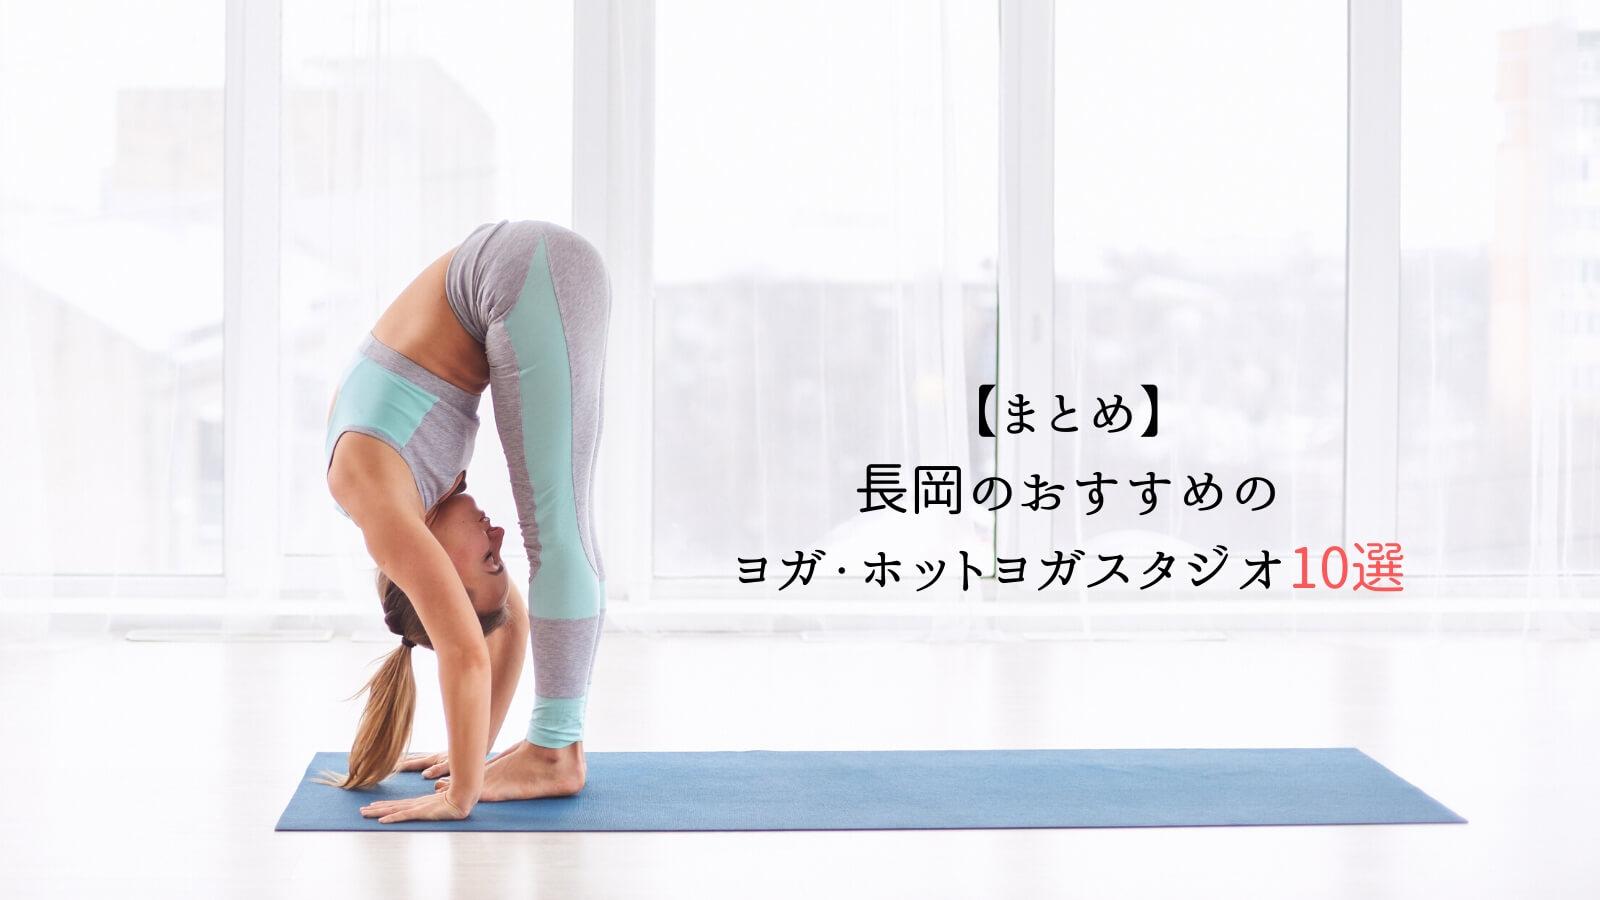 長岡でのヨガ・ホットヨガスタジオ選びに関するQ&A